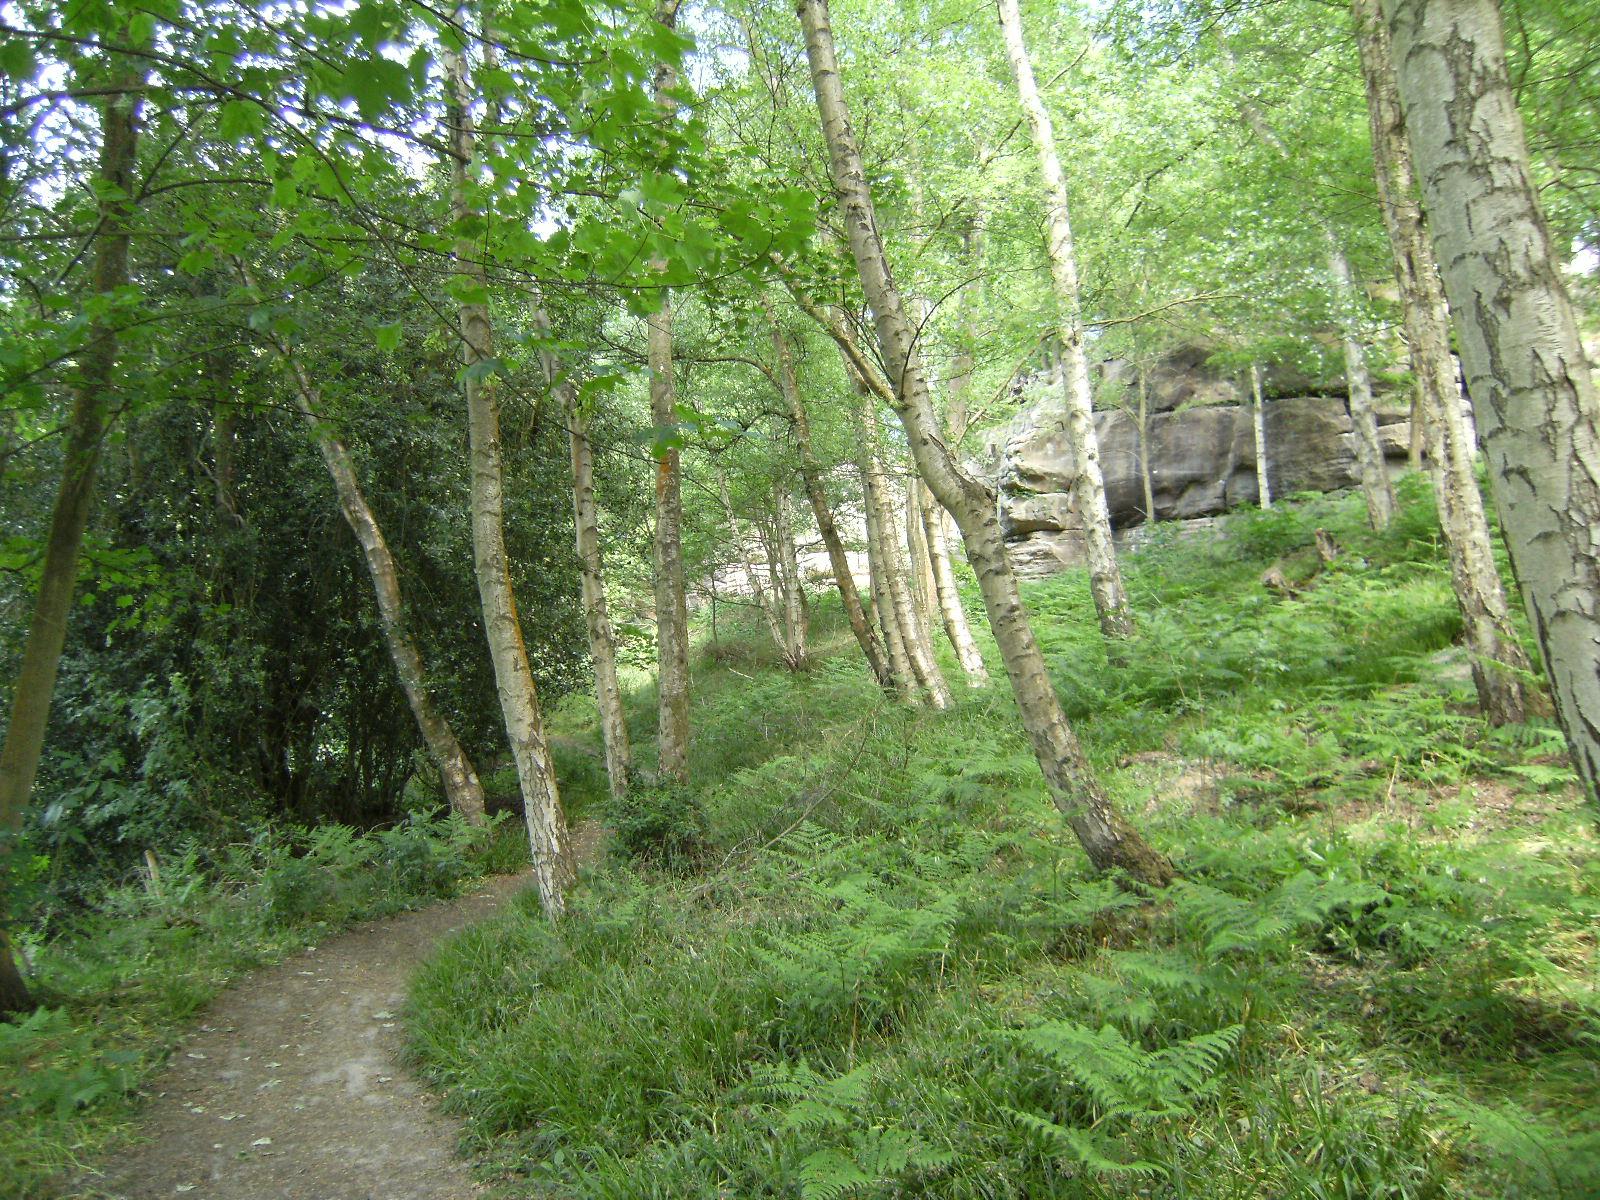 DSCF8132 The Lower Path at Harrison's Rocks